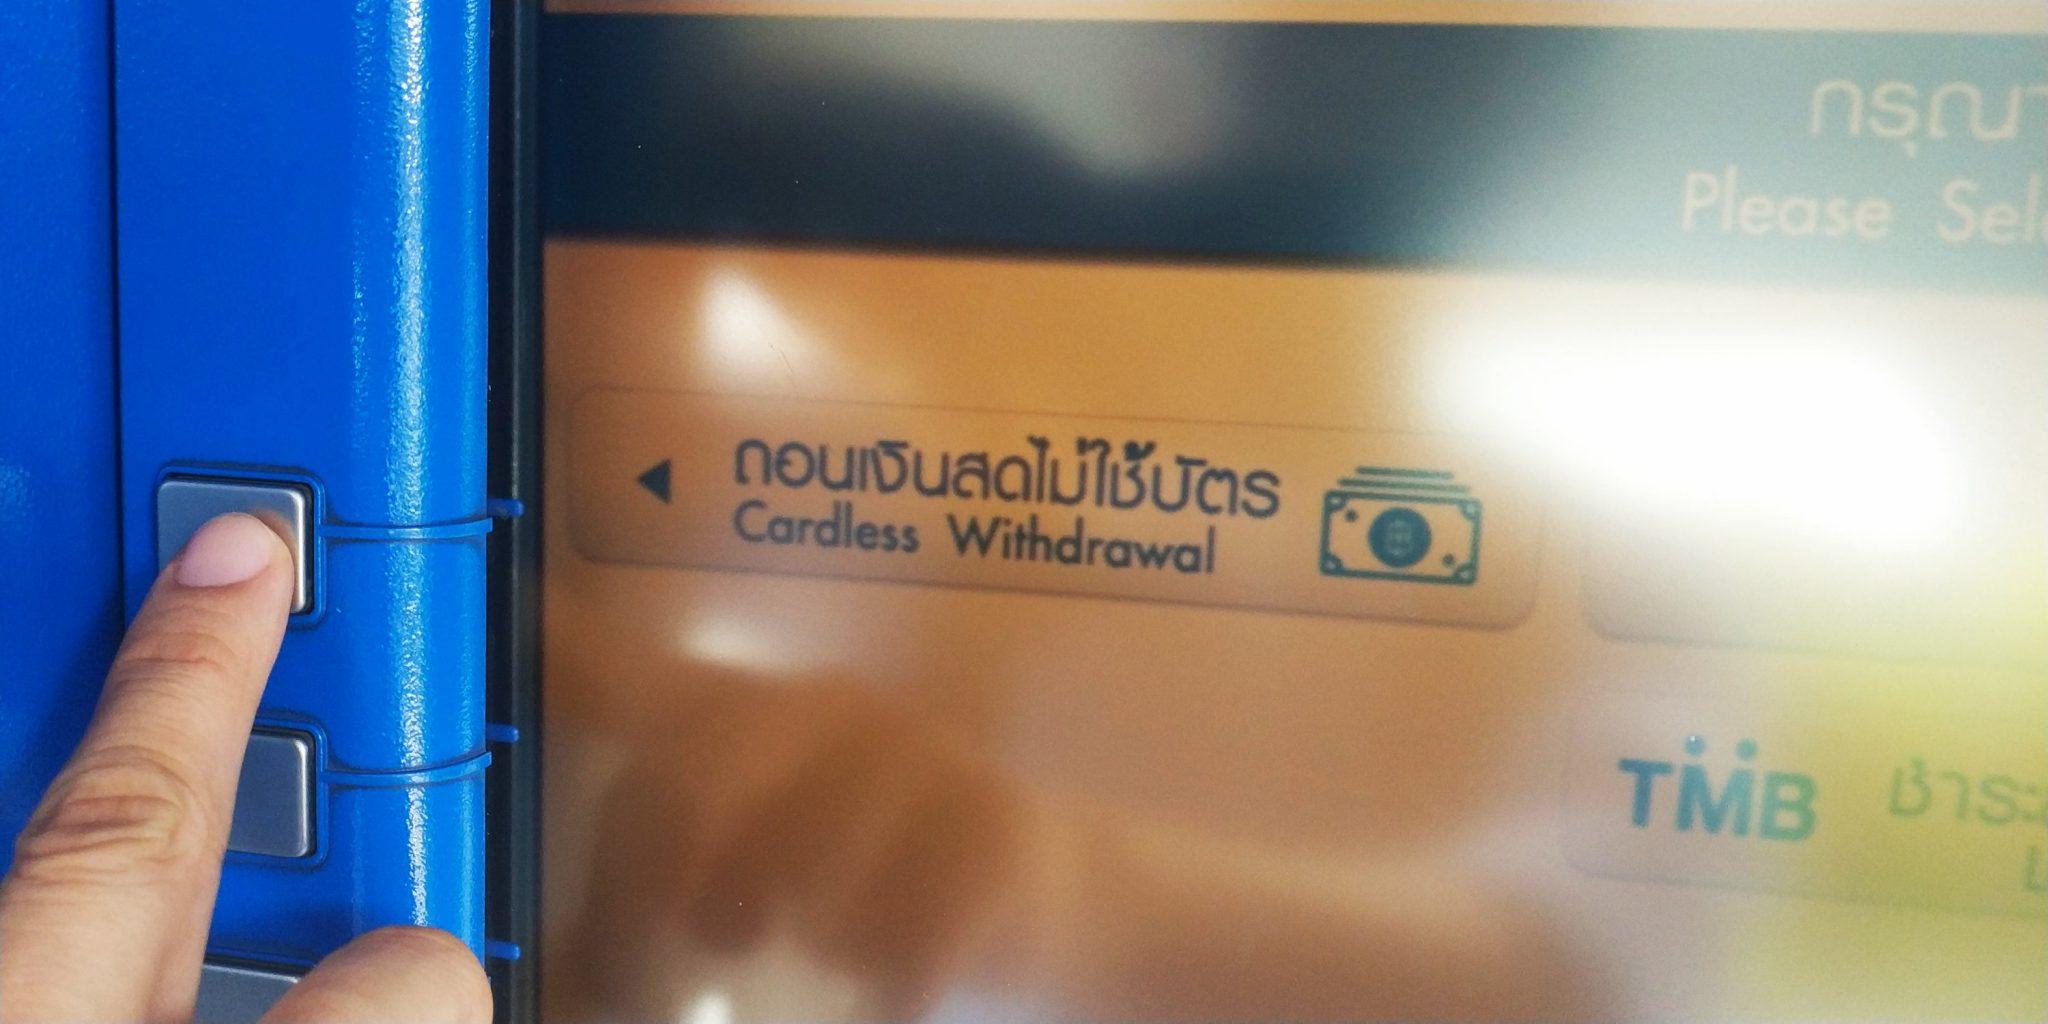 กดทำรายการถอนเงินไม่ใช้บัตรที่ตู้เอทีเอ็มของ TMB